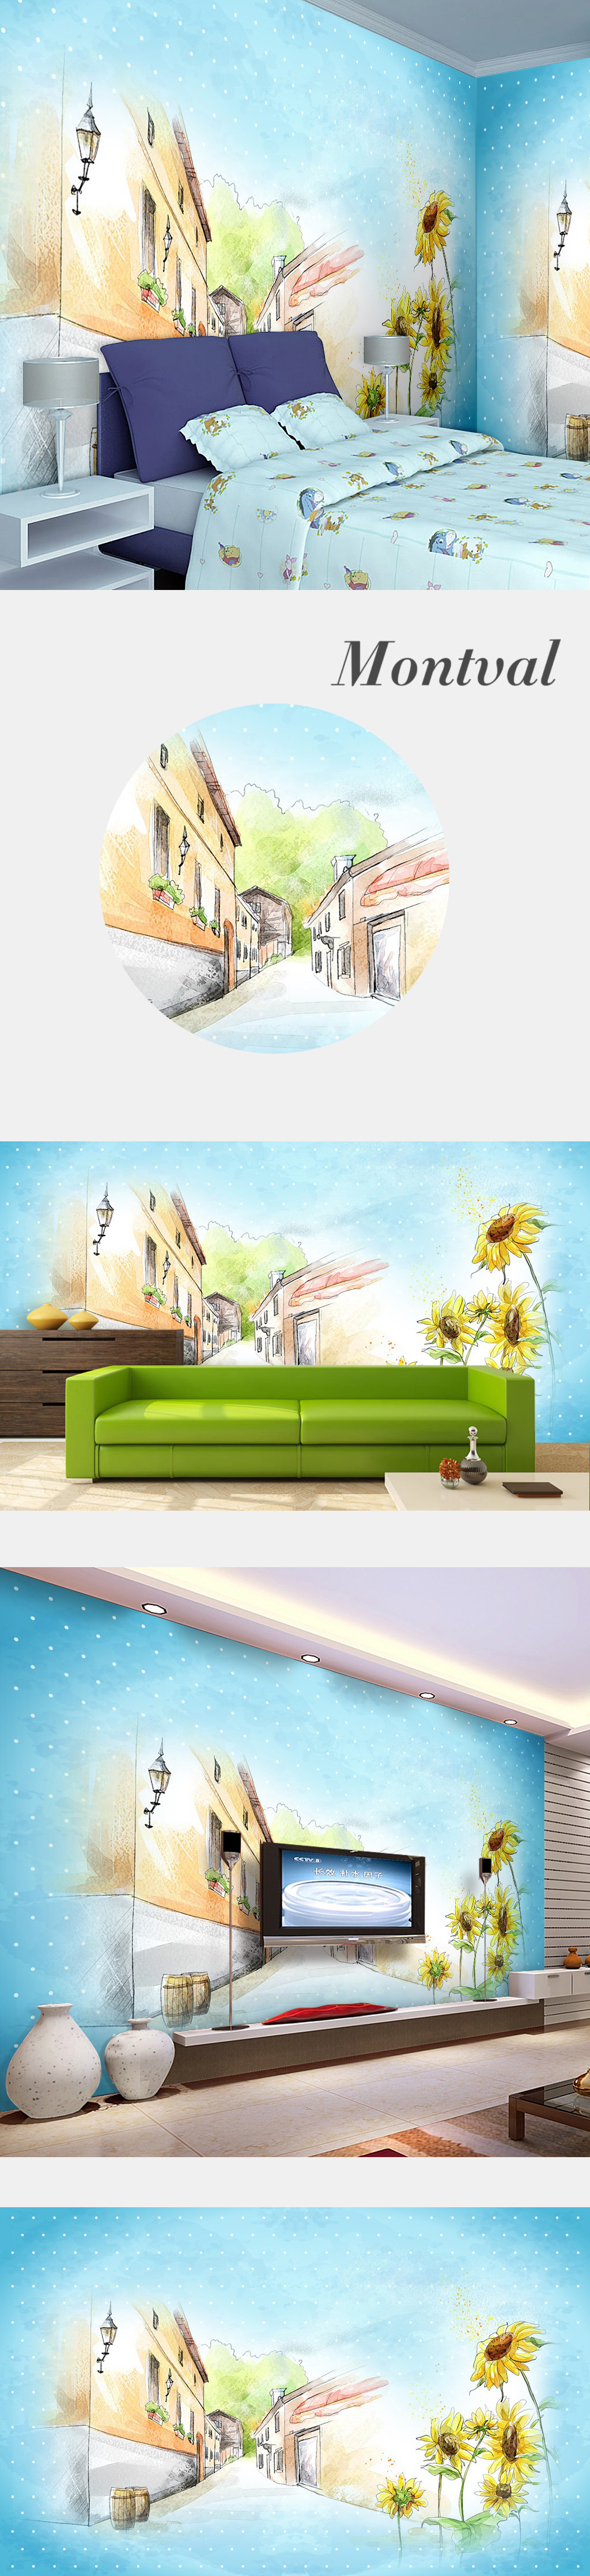 梦幻插画手绘艺术幼儿园装饰画背景墙